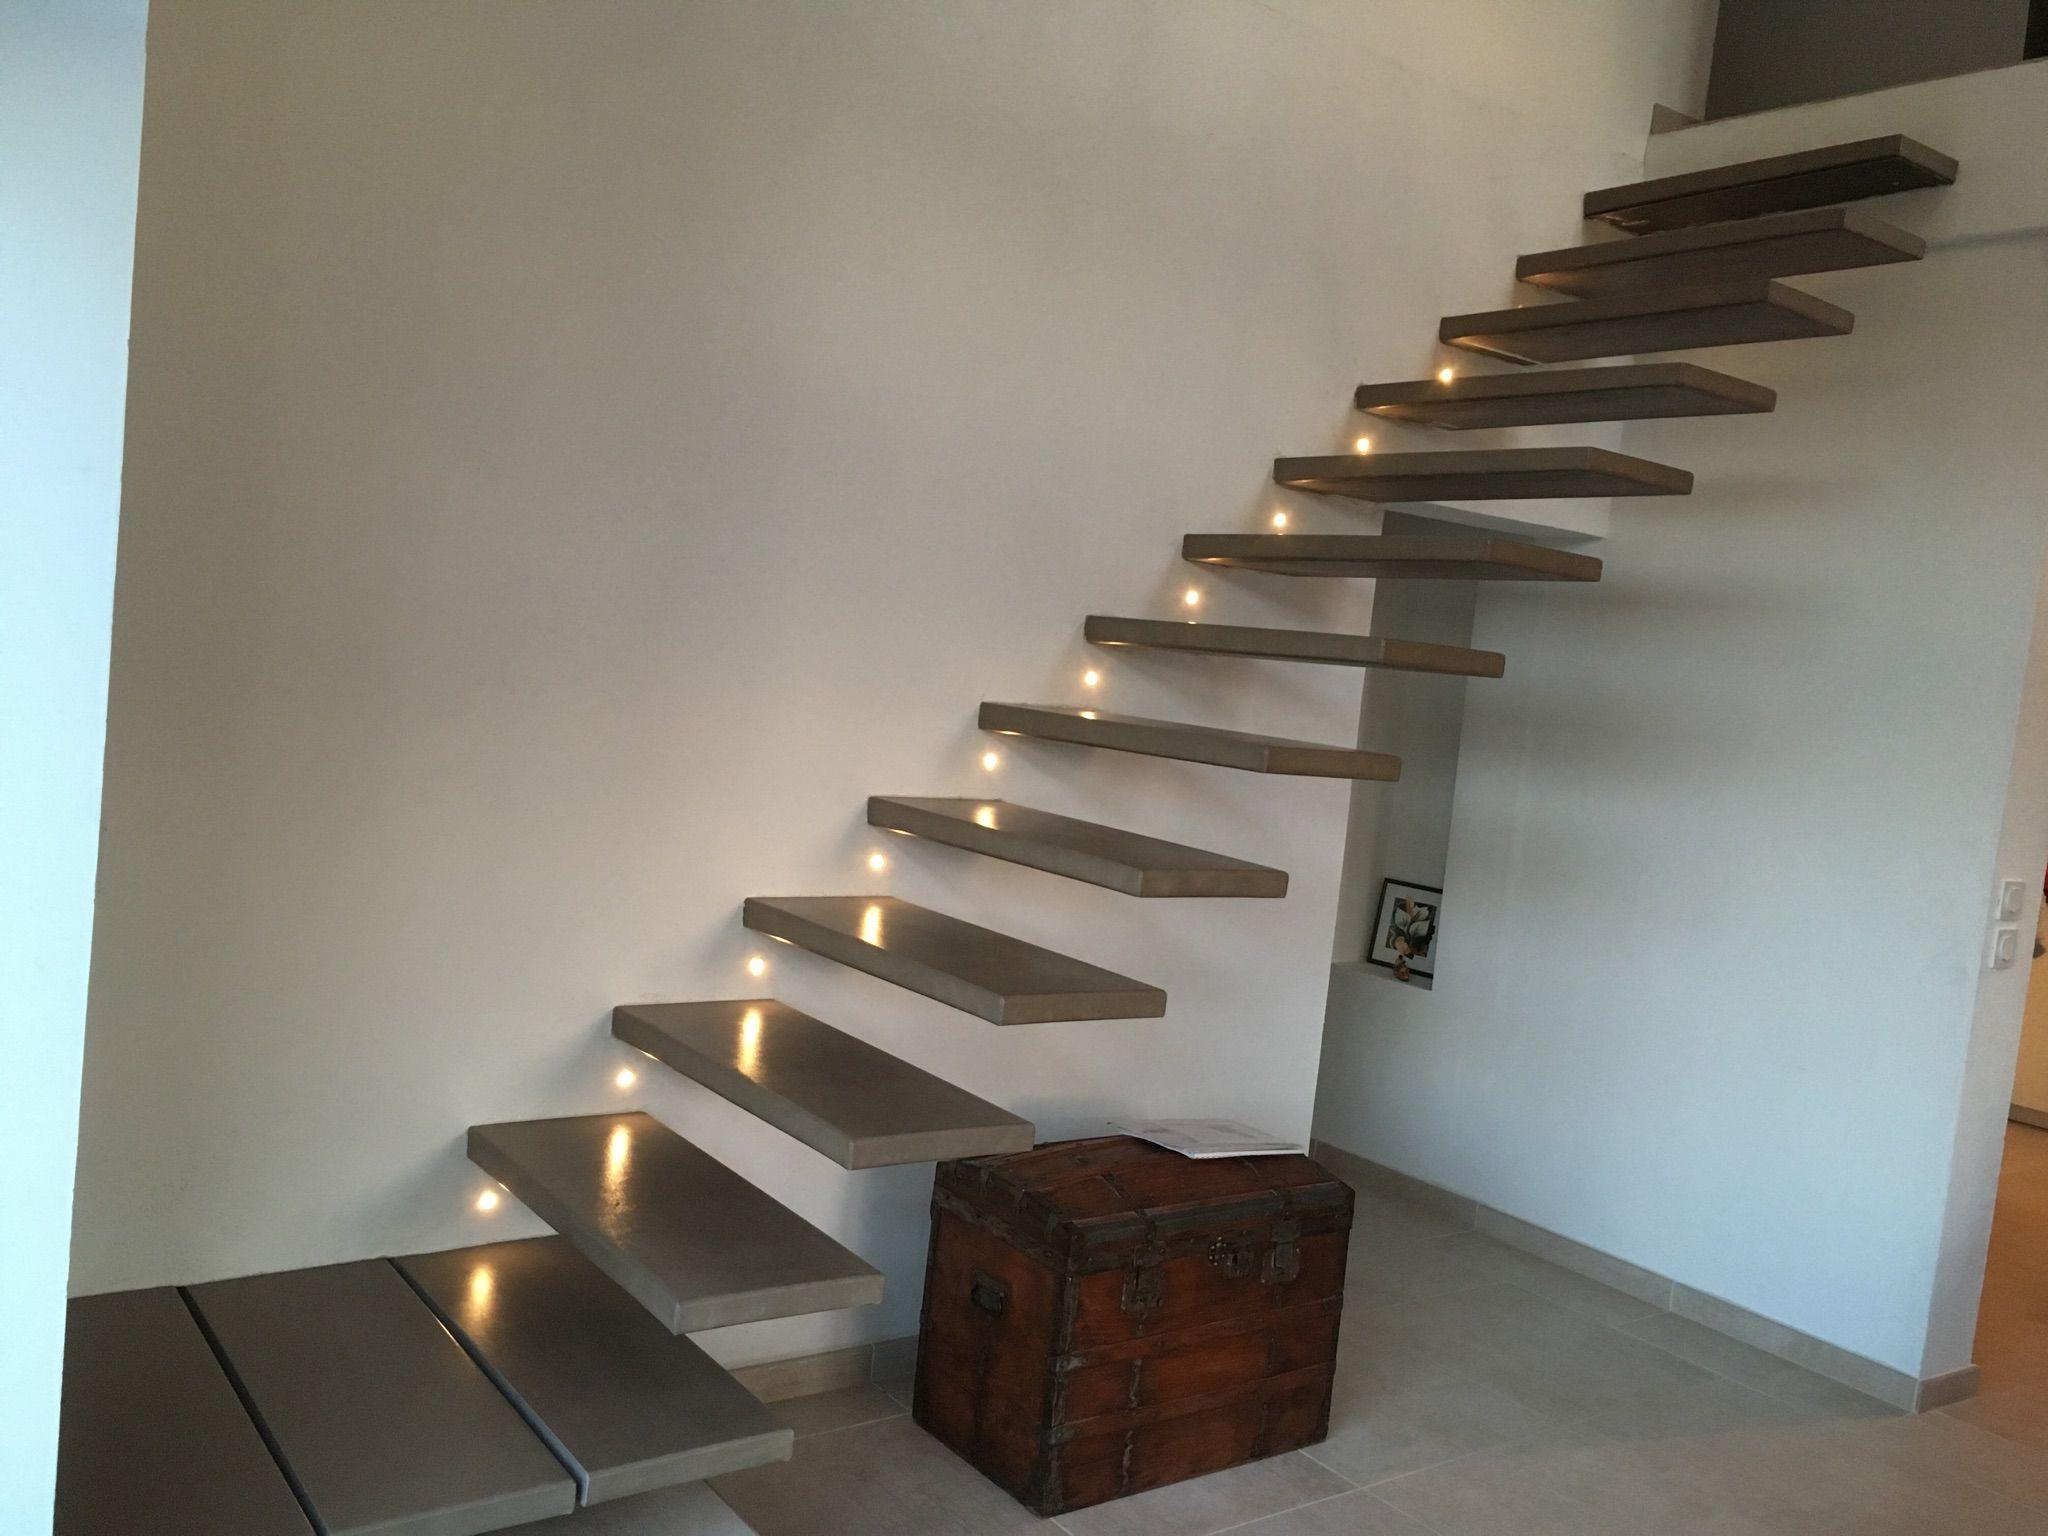 Escalier Mecano Boulonne Flottant Et Ajout De Lumiere Escalier